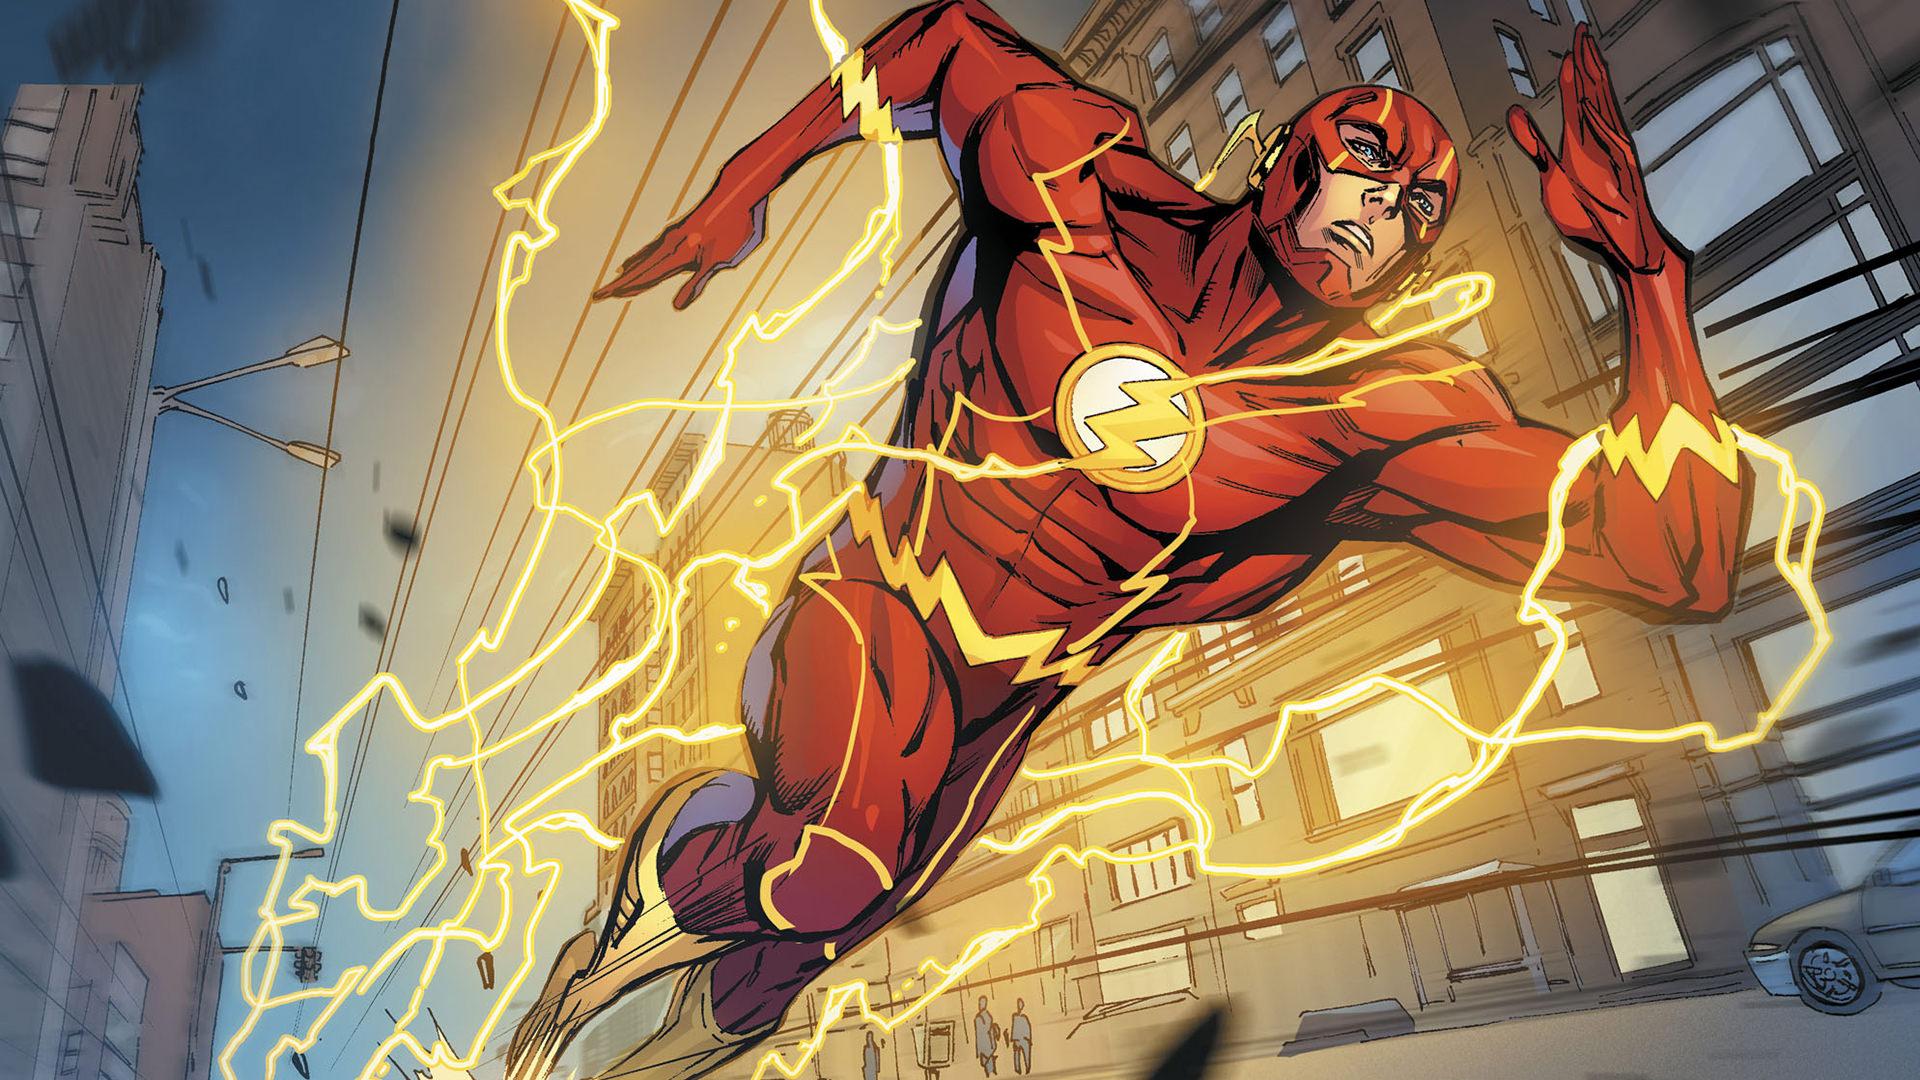 The Flash, guida alla lettura del supereroe piu' veloce 1